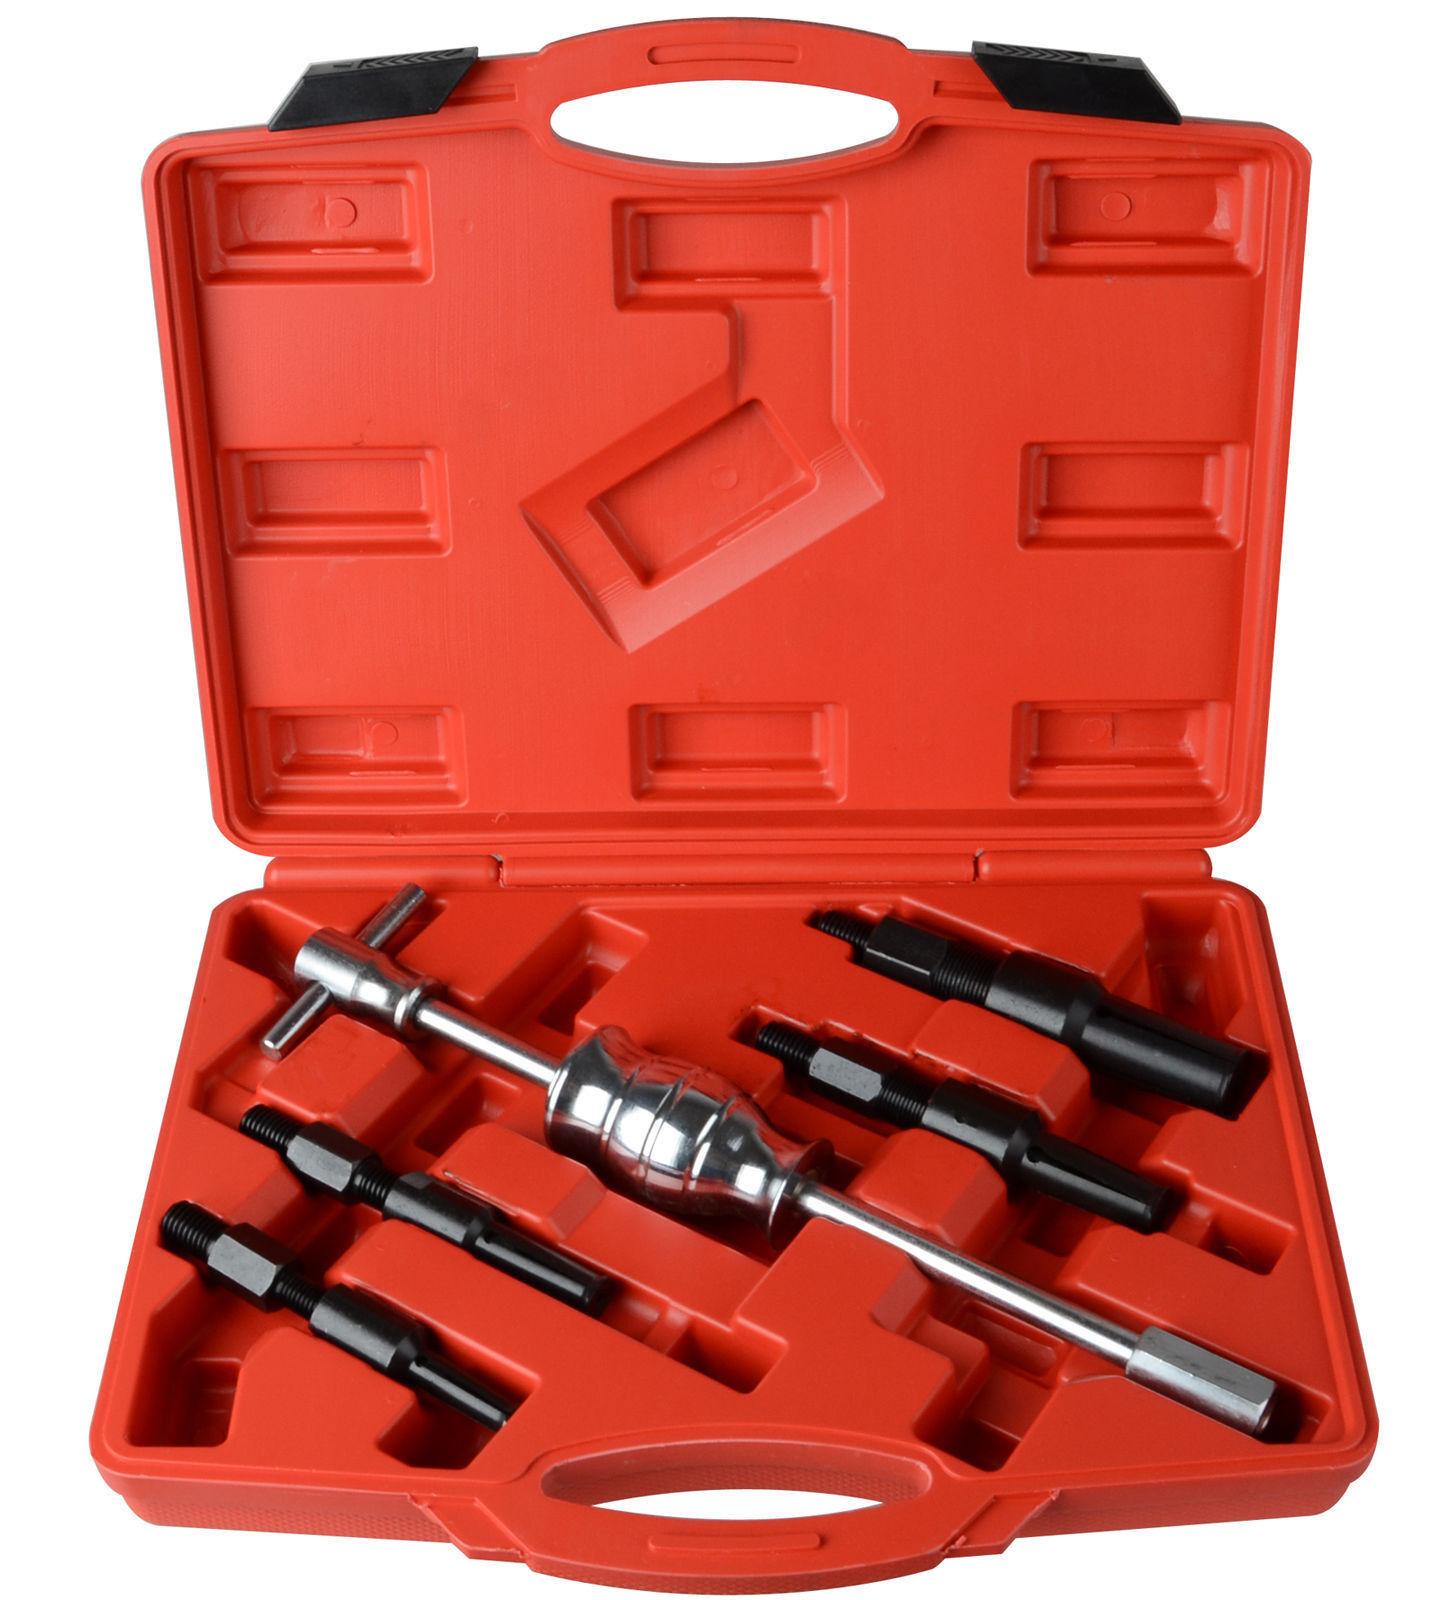 Bearing Puller Kit Napa : Brand new pc inner bearing puller set kit remover blind